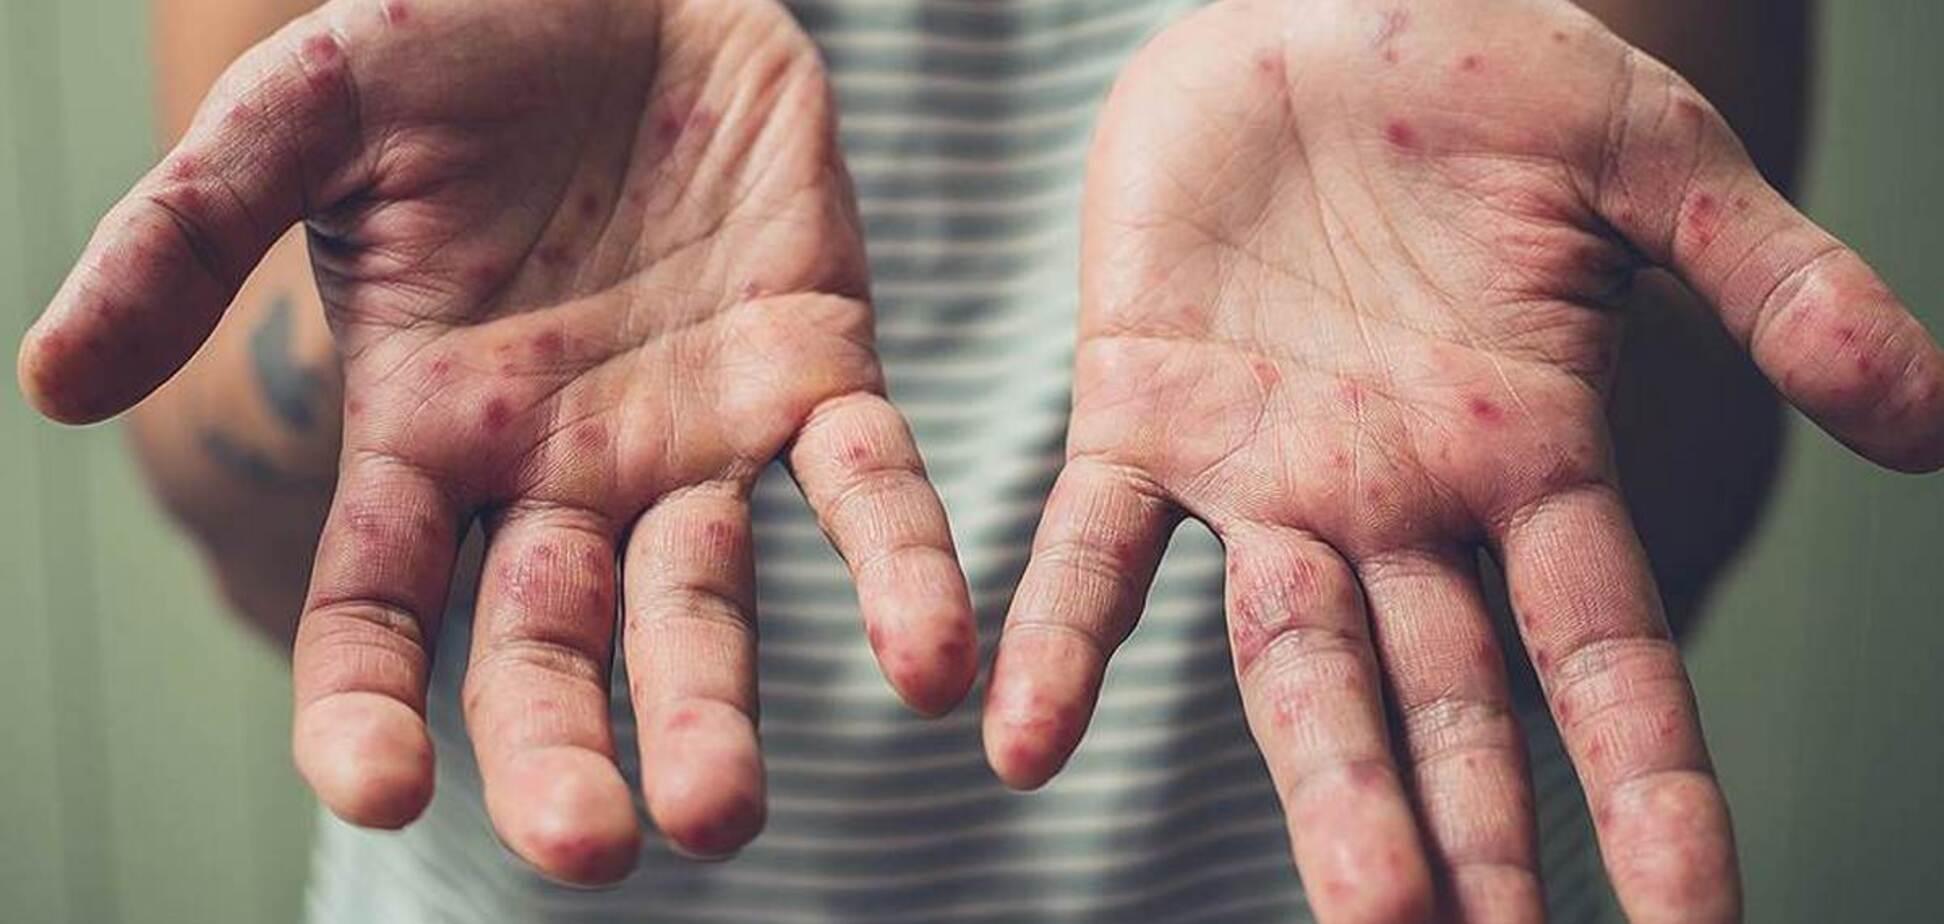 У 2019 року в світі від кору померло більше 200 тисяч чоловік